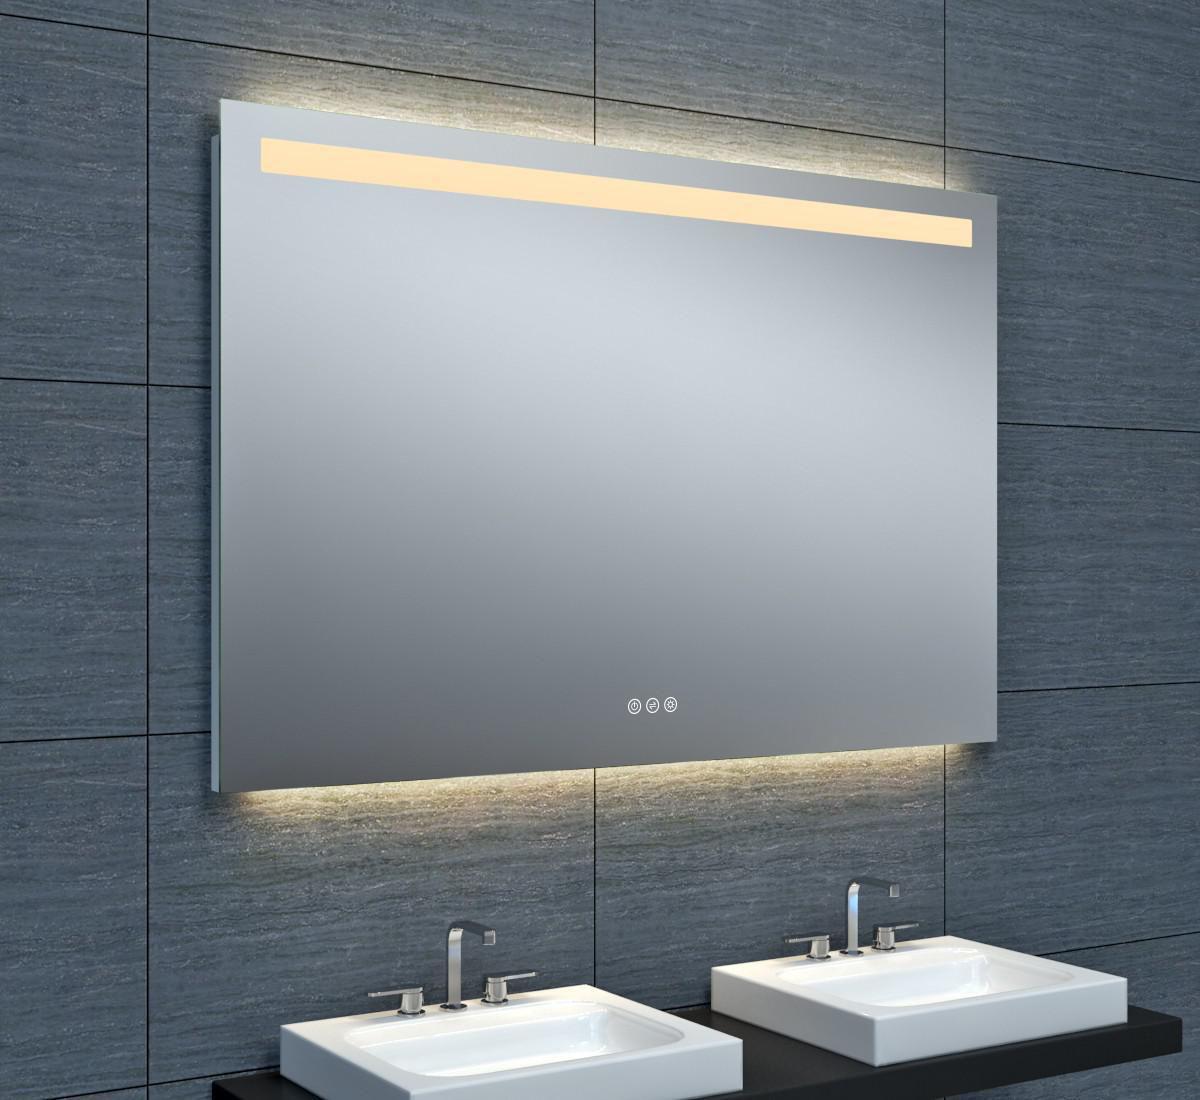 Miroir Tokyo Clairage LED Avec Variateur 120 X Hauteur 80